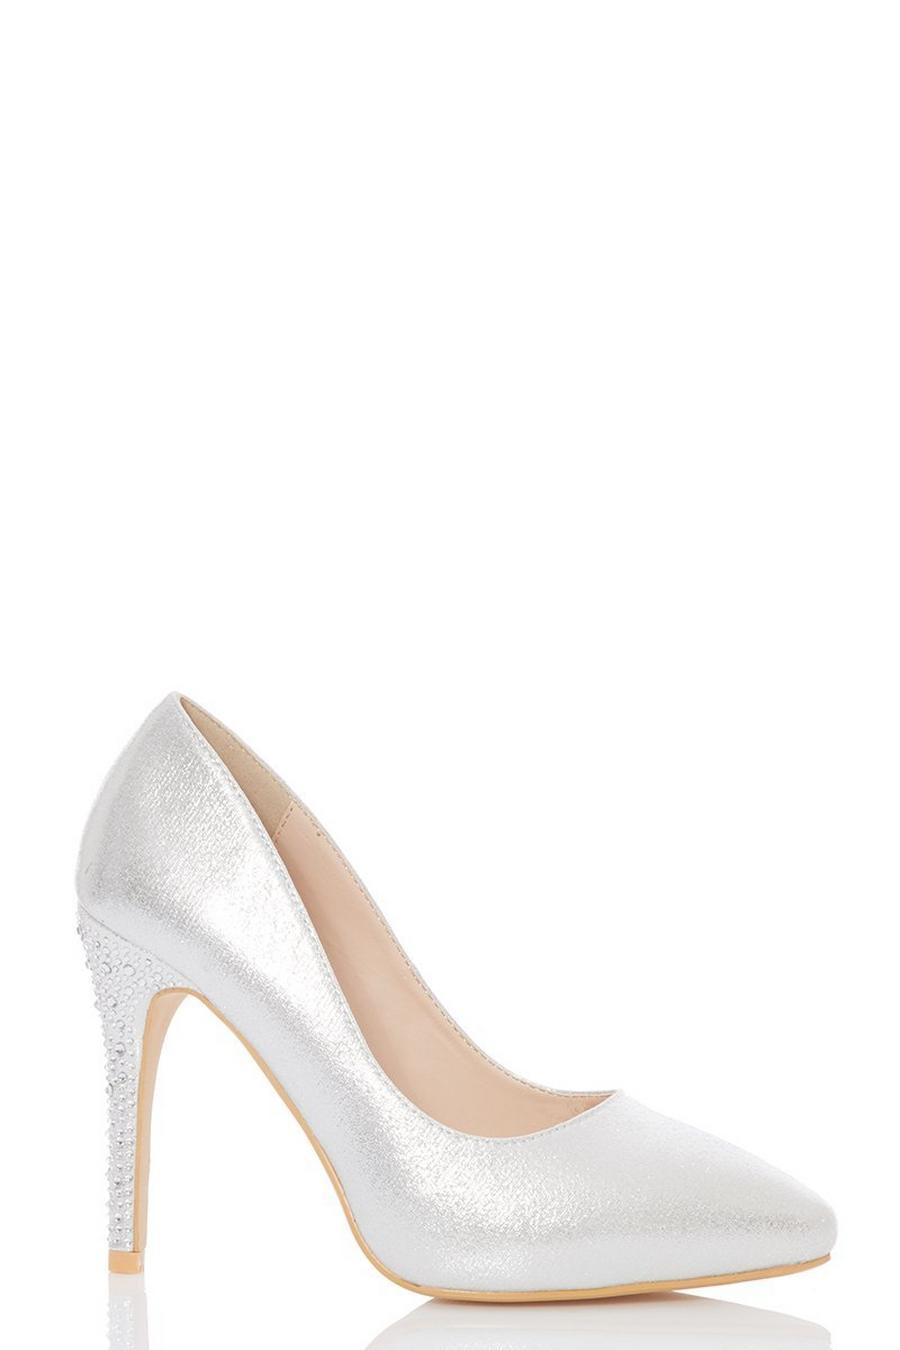 Zapatos Plata Brillantes Alto Con Y Tacón W9D2YHIbeE